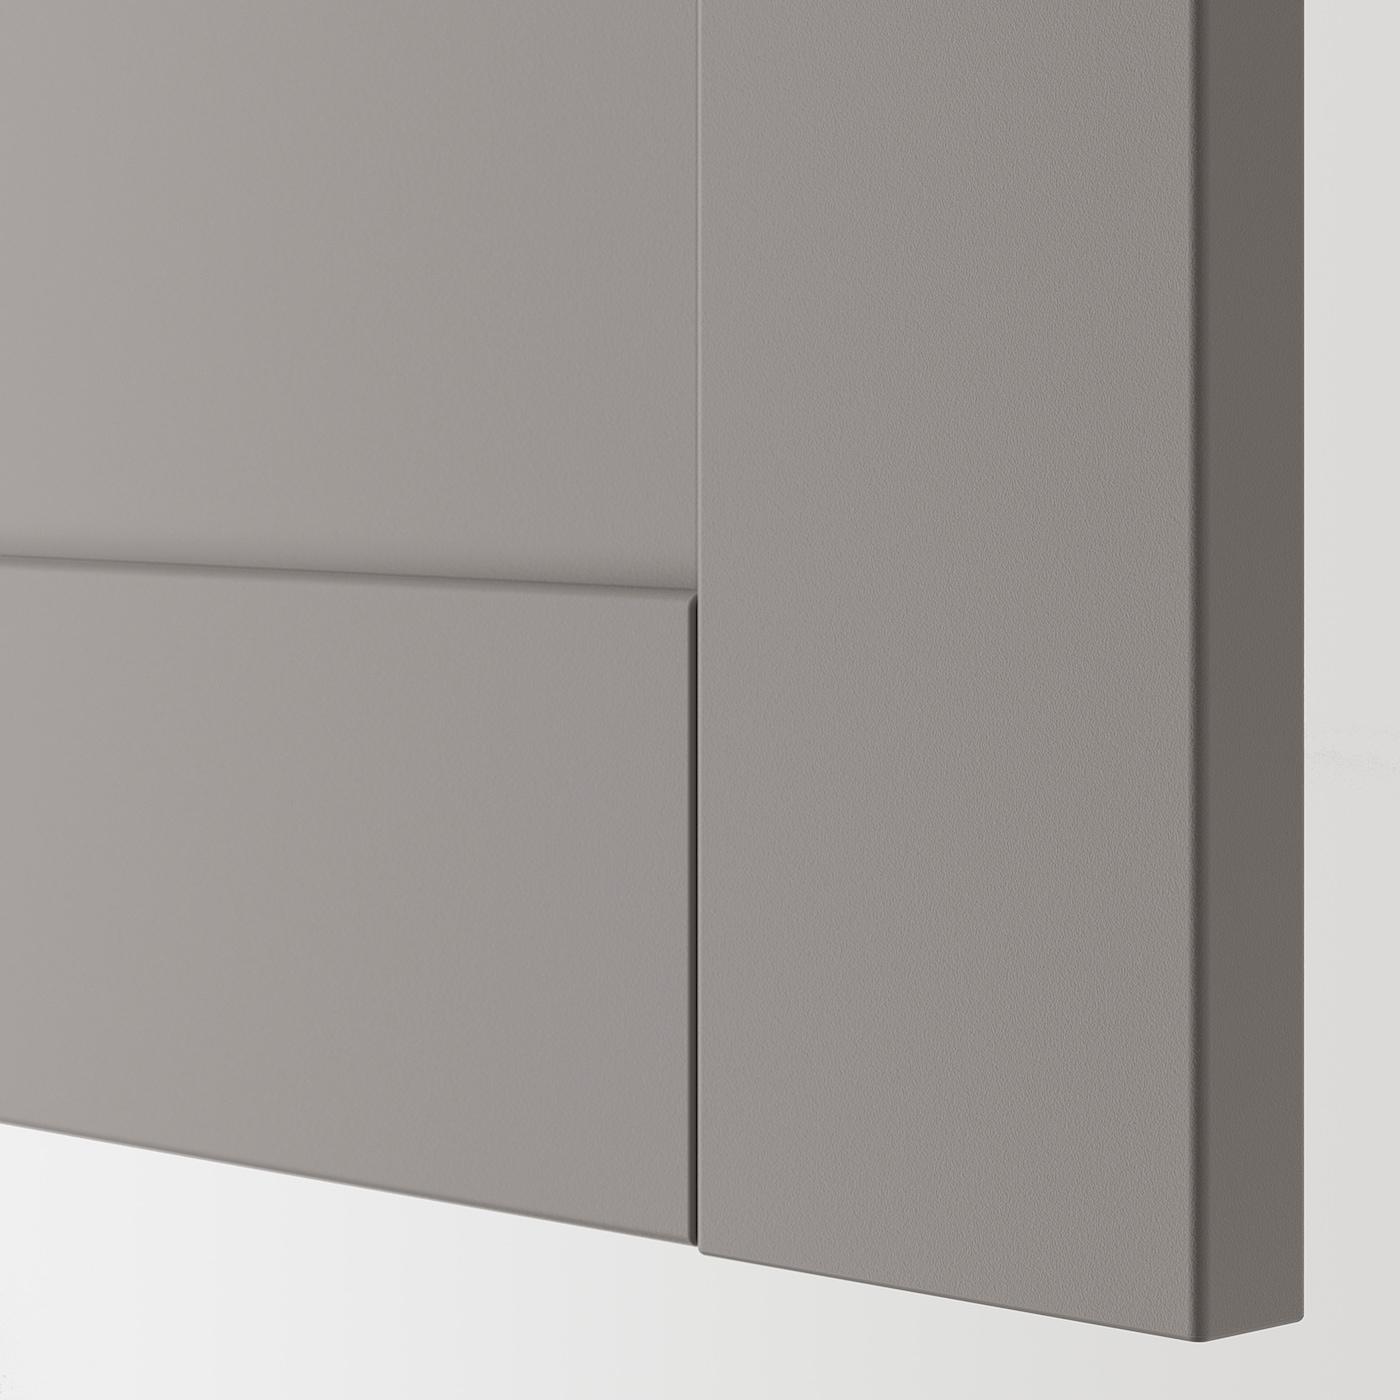 ENHET واجهة دُرج, رمادي هيكل, 60x30 سم